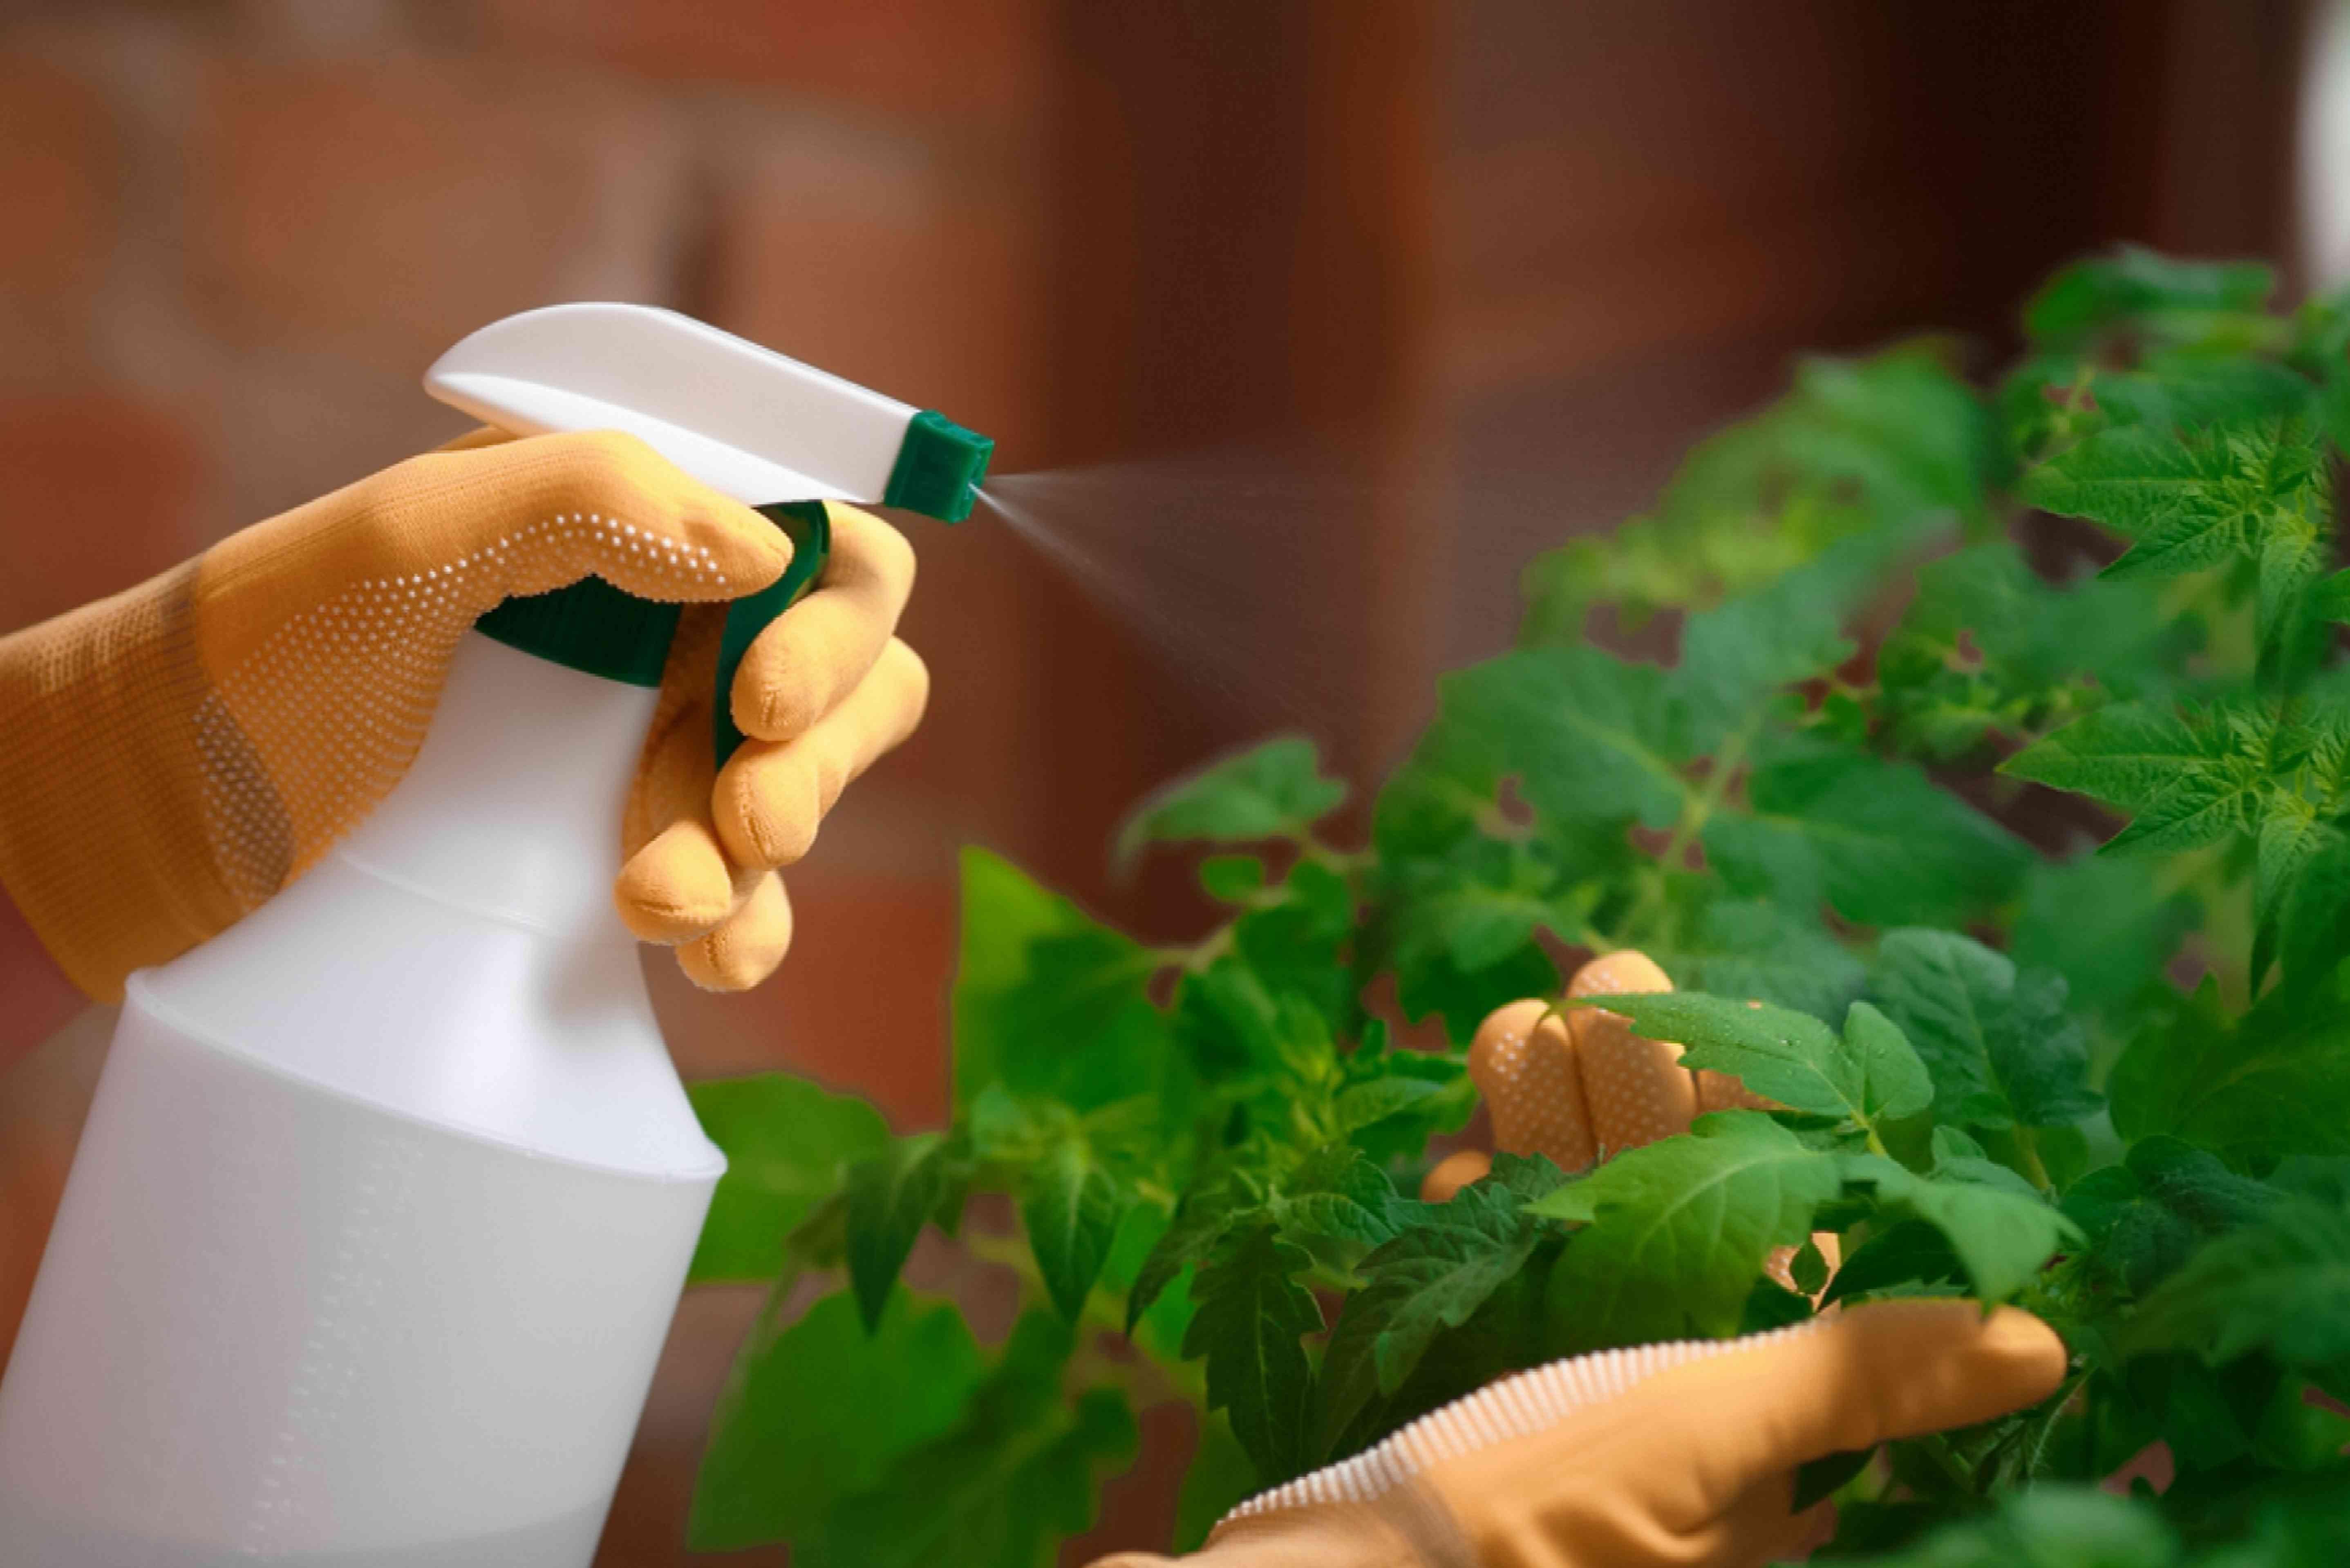 fertilizing tomatoes